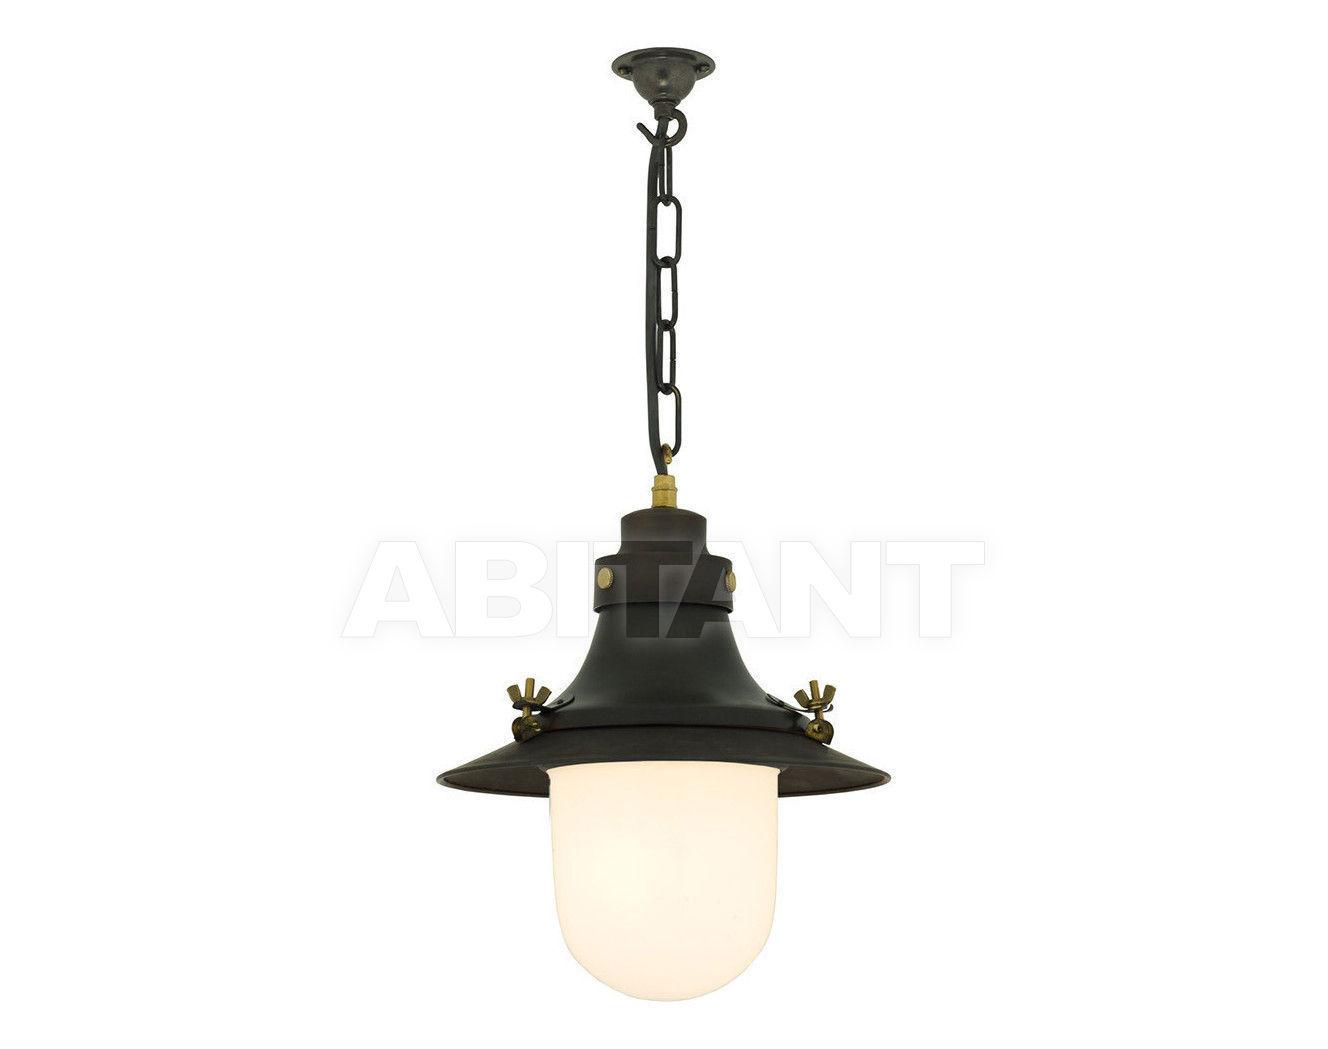 Купить Светильник Davey Lighting Pendants 7125/OO/OP/WE